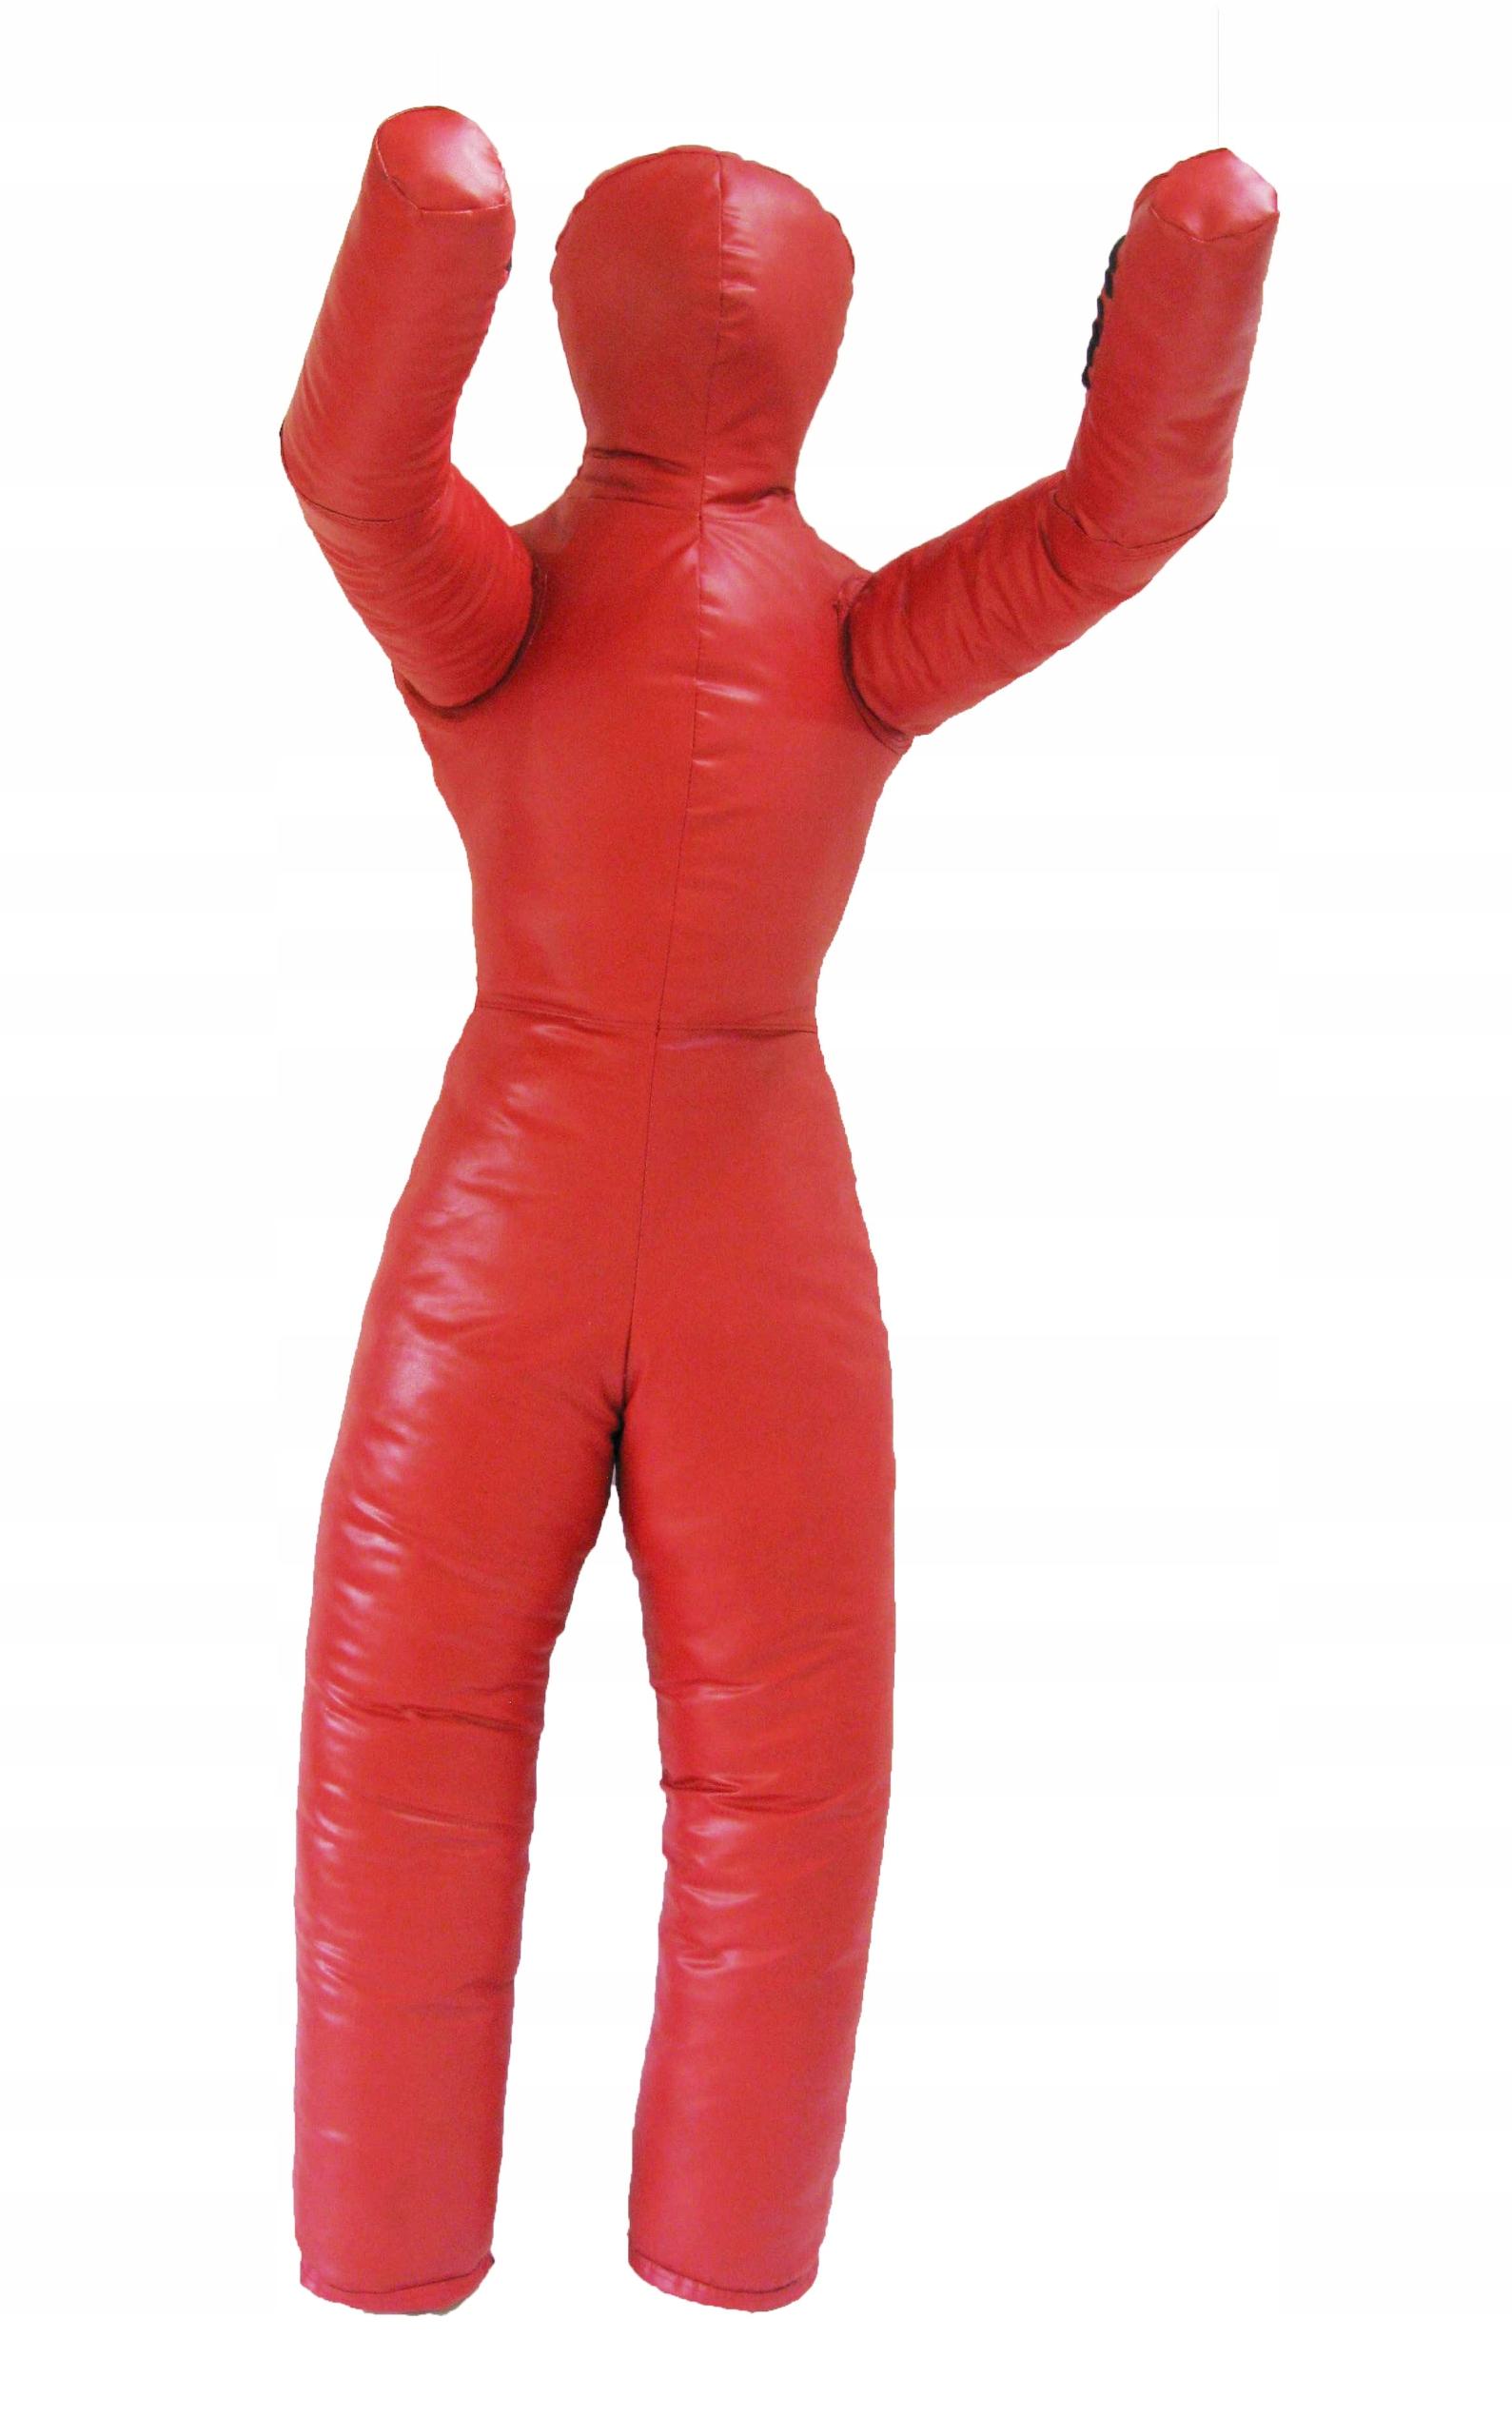 Mannequin TwinnesTect 130 cm / 16kg s PVC